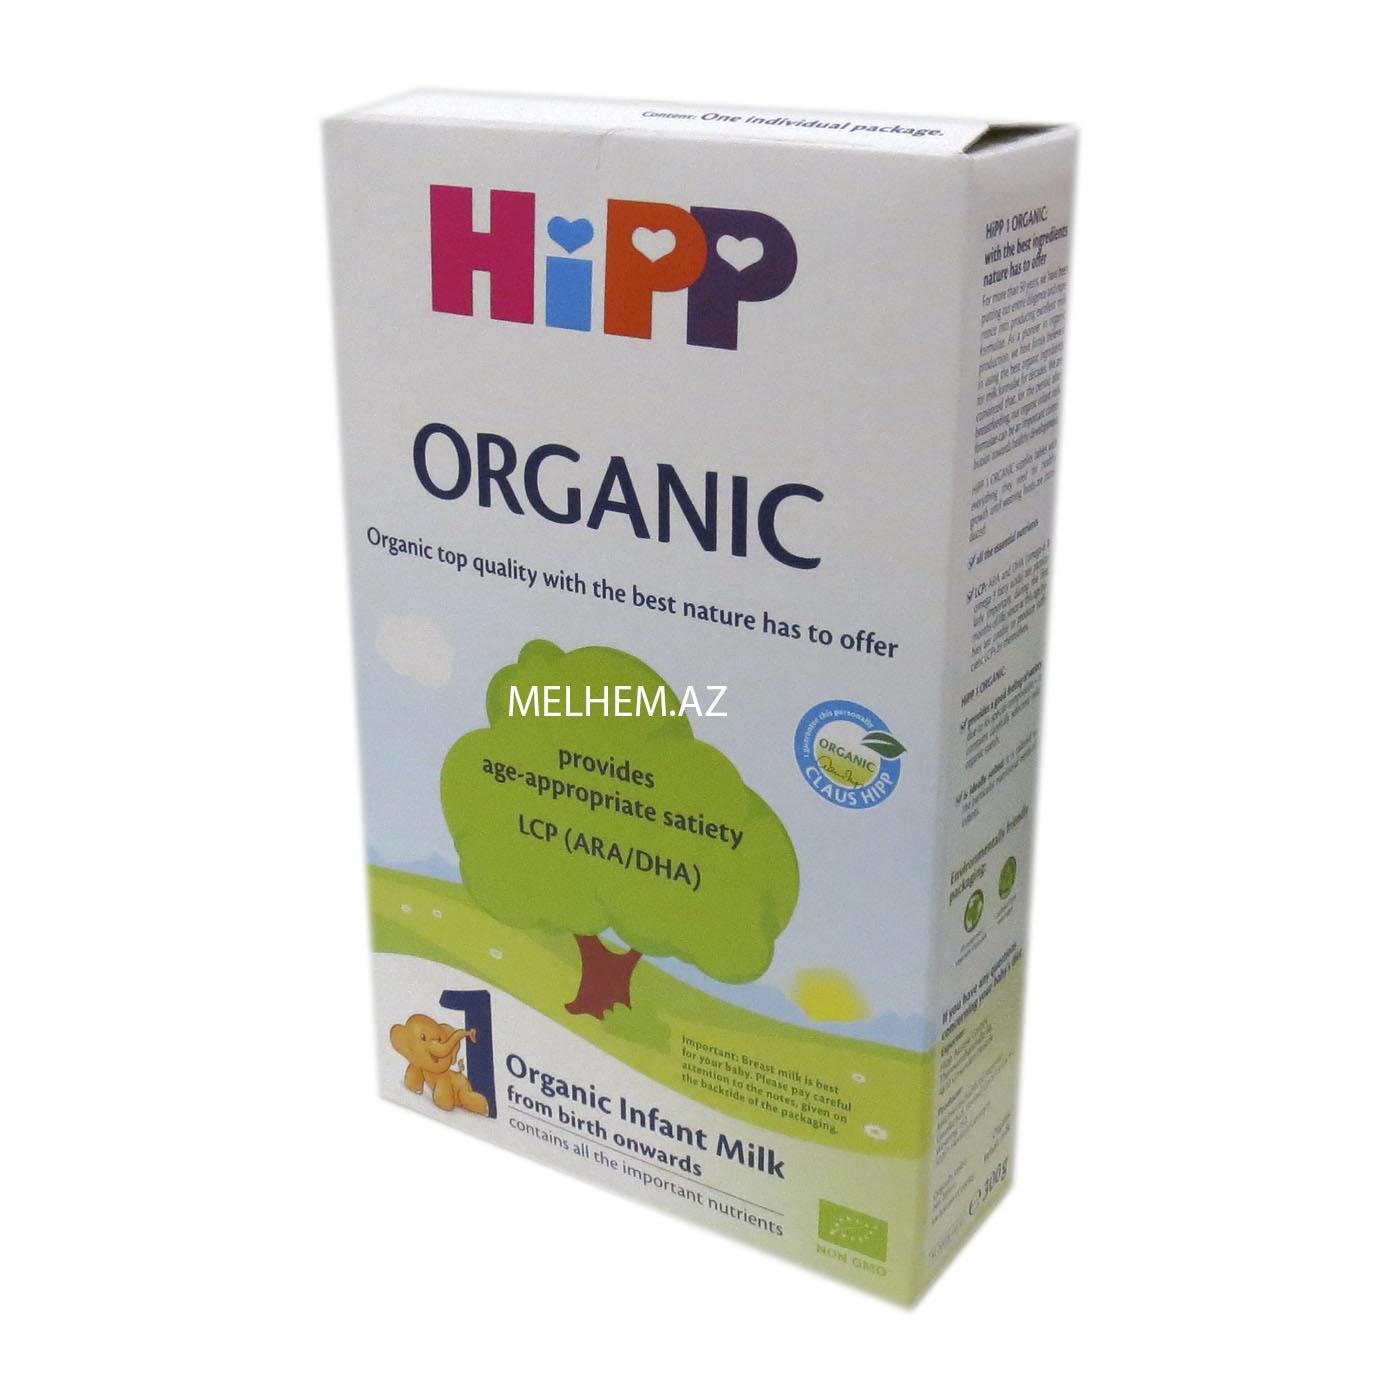 HIPP ORGANIC 1